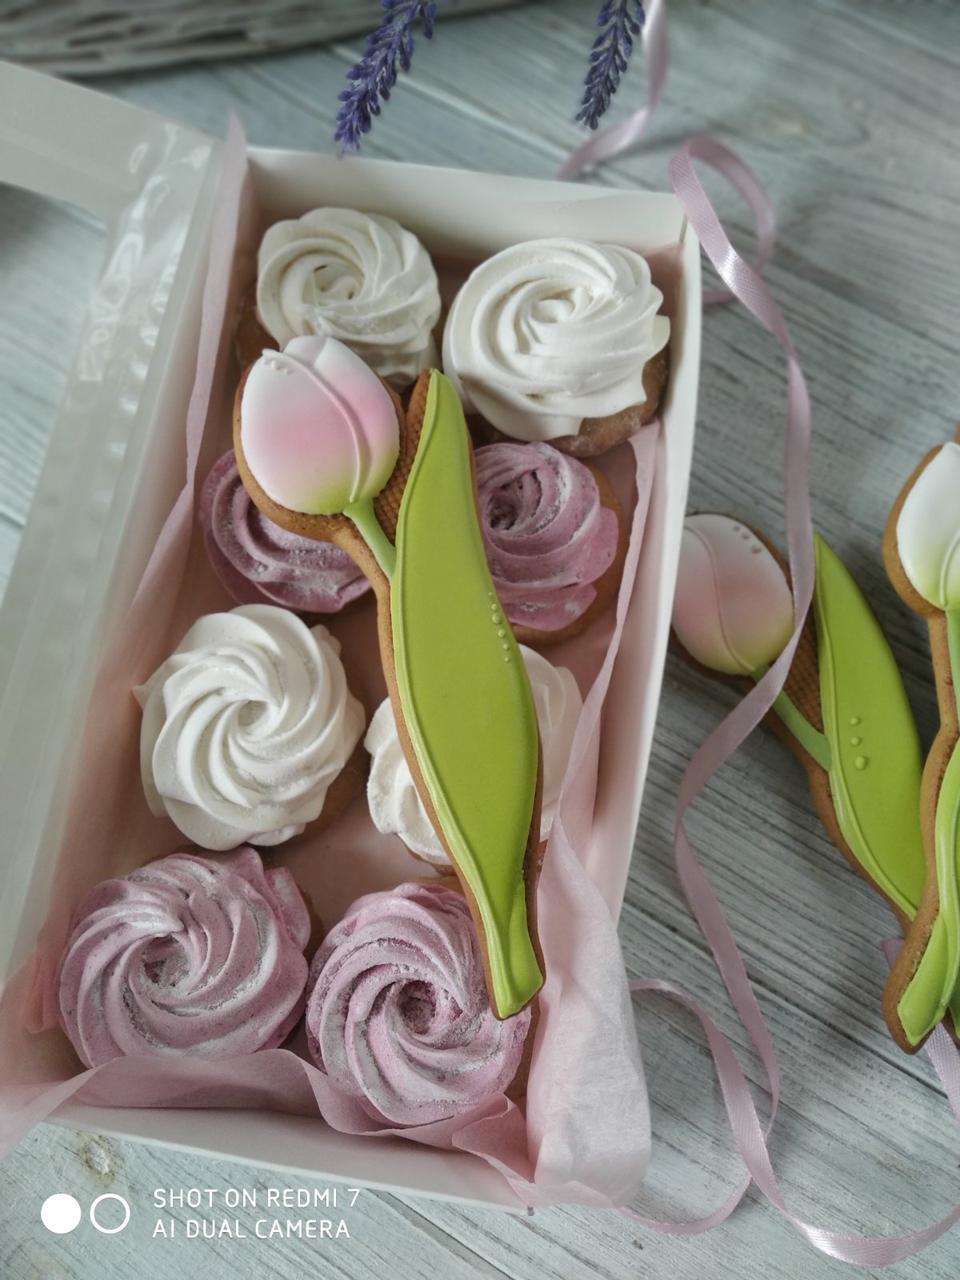 Зефиросендвичи, пряник с зефиром к 8 марта (подарок на 8 марта, сладкий подарок)